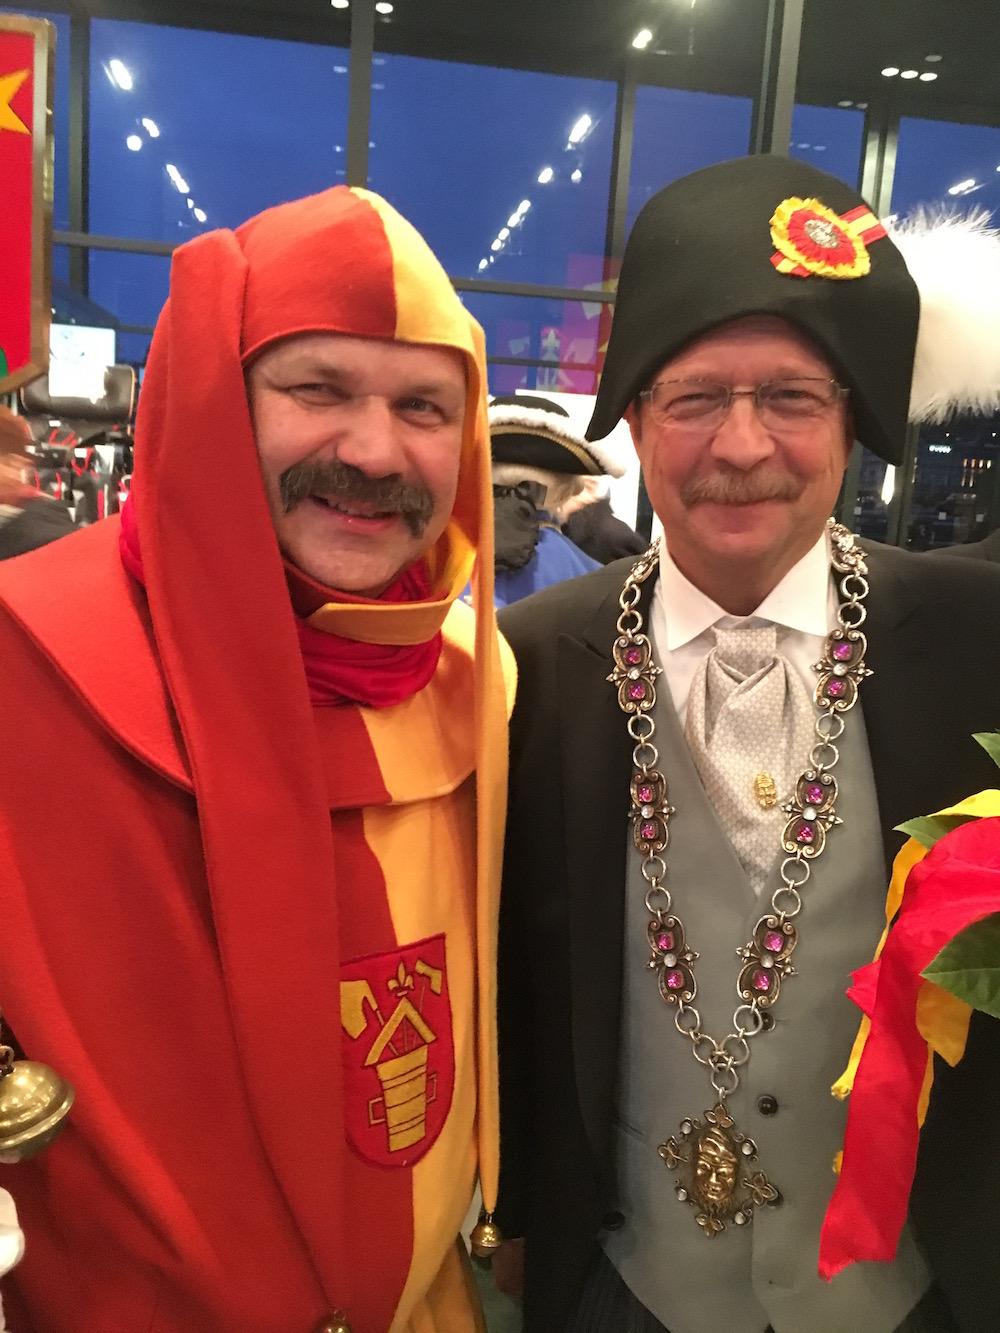 Der Zunftmeister Rolf Willimann gemeinsam mit Zunftnarr Peti Federer.